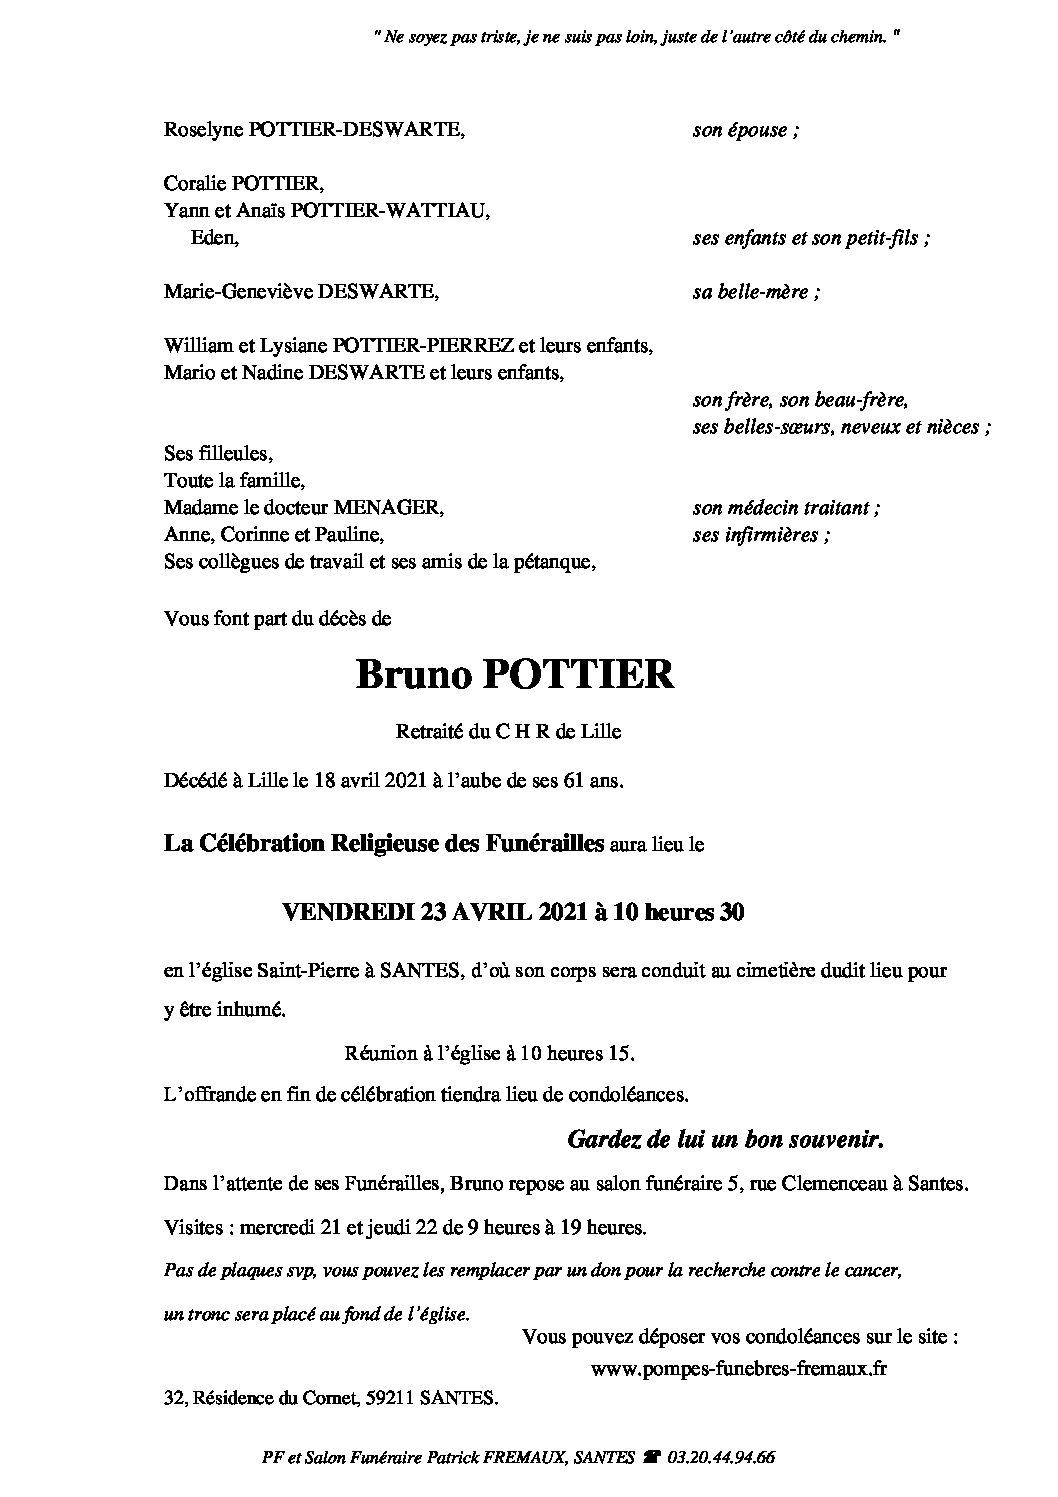 Monsieur Bruno POTTIER